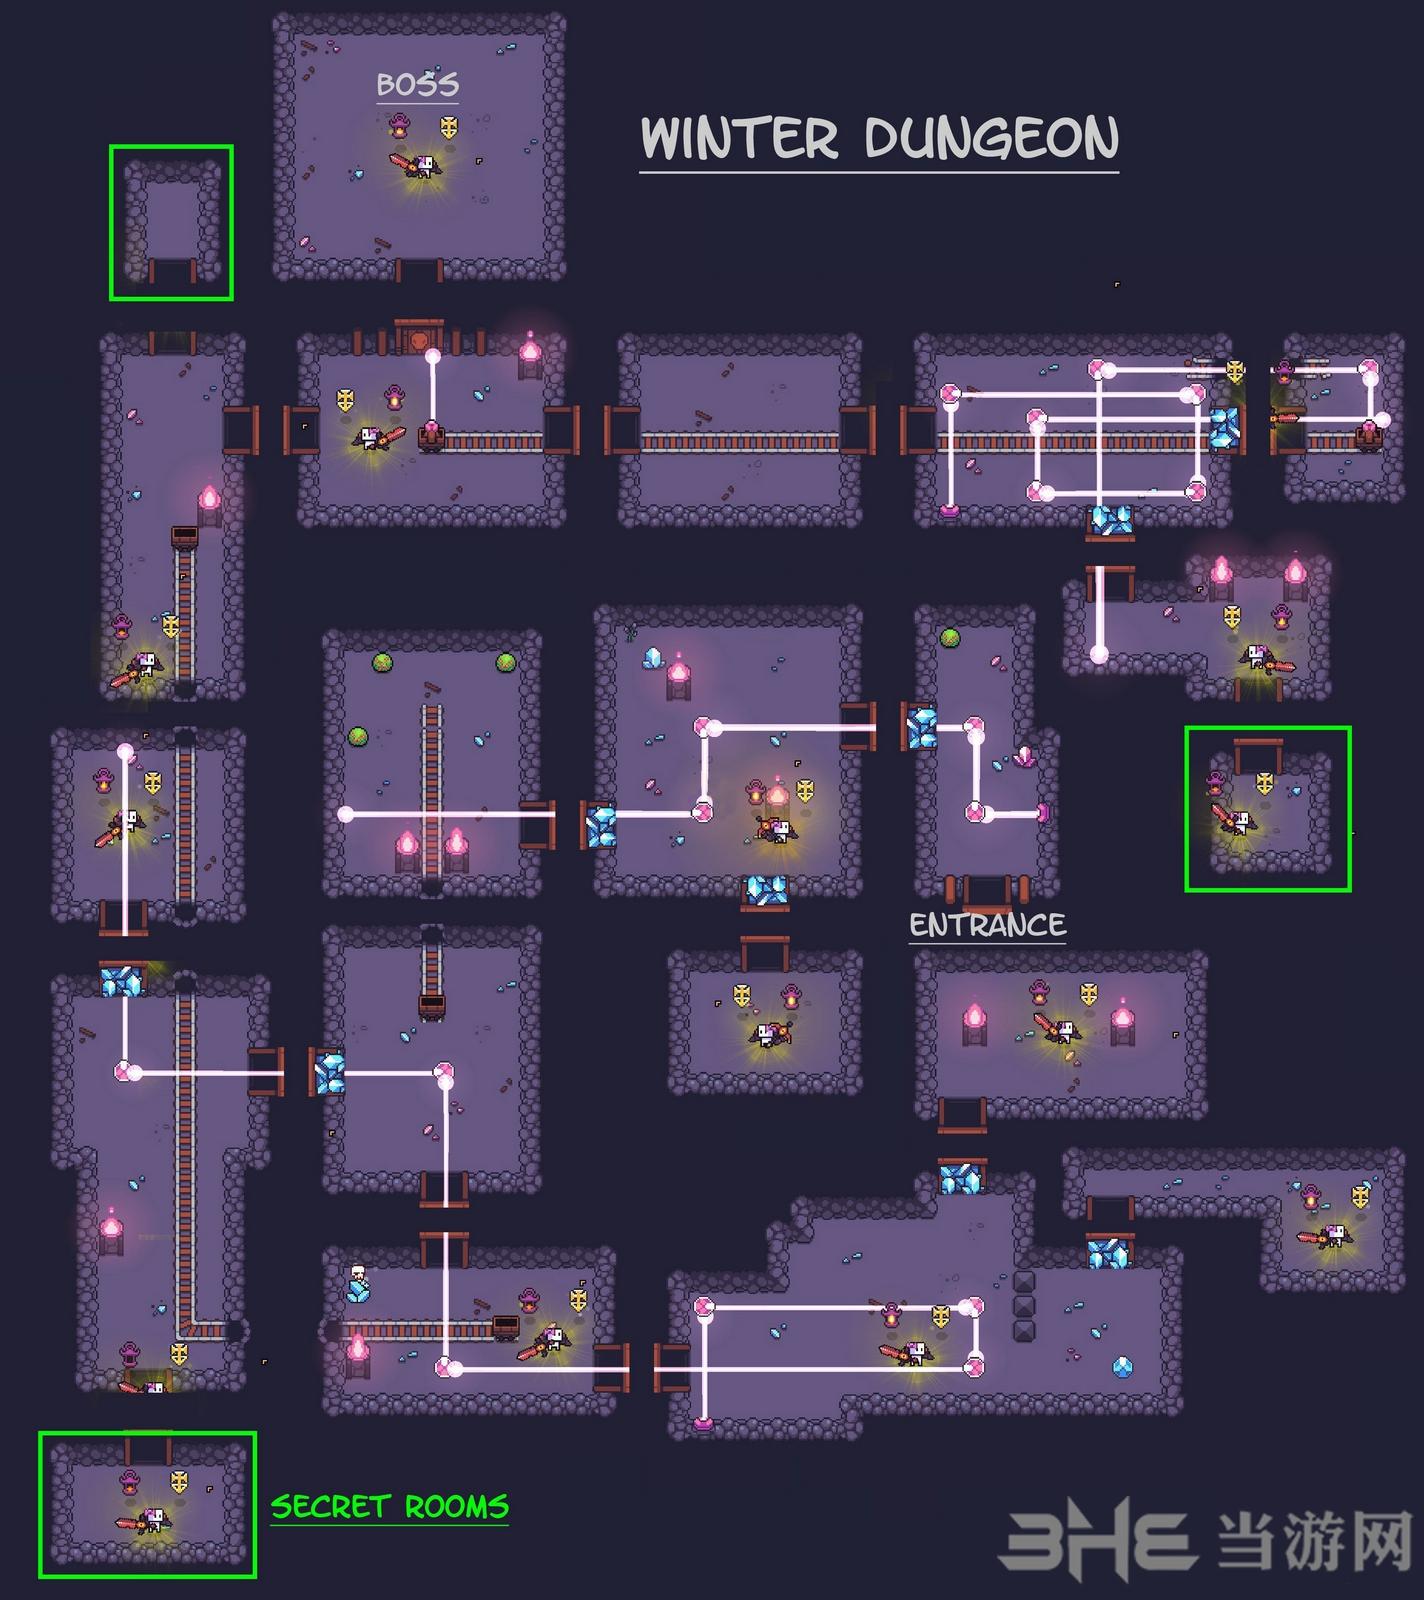 浮岛物语游戏地图